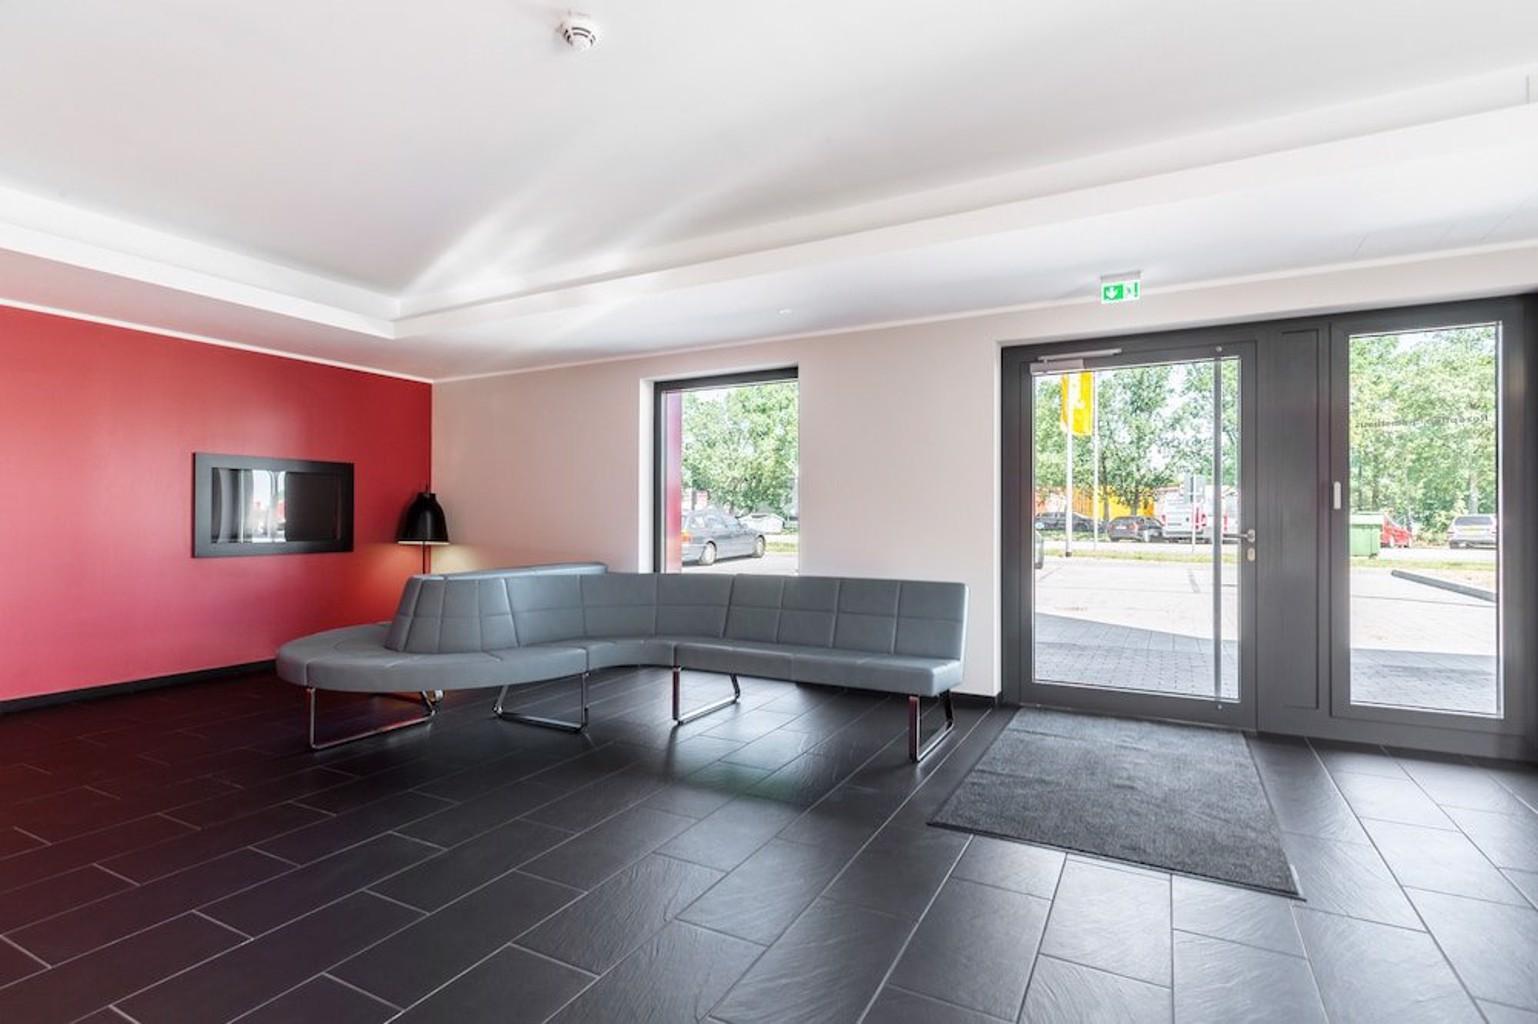 Gallery image of Serways Hotel Steigerwald Süd